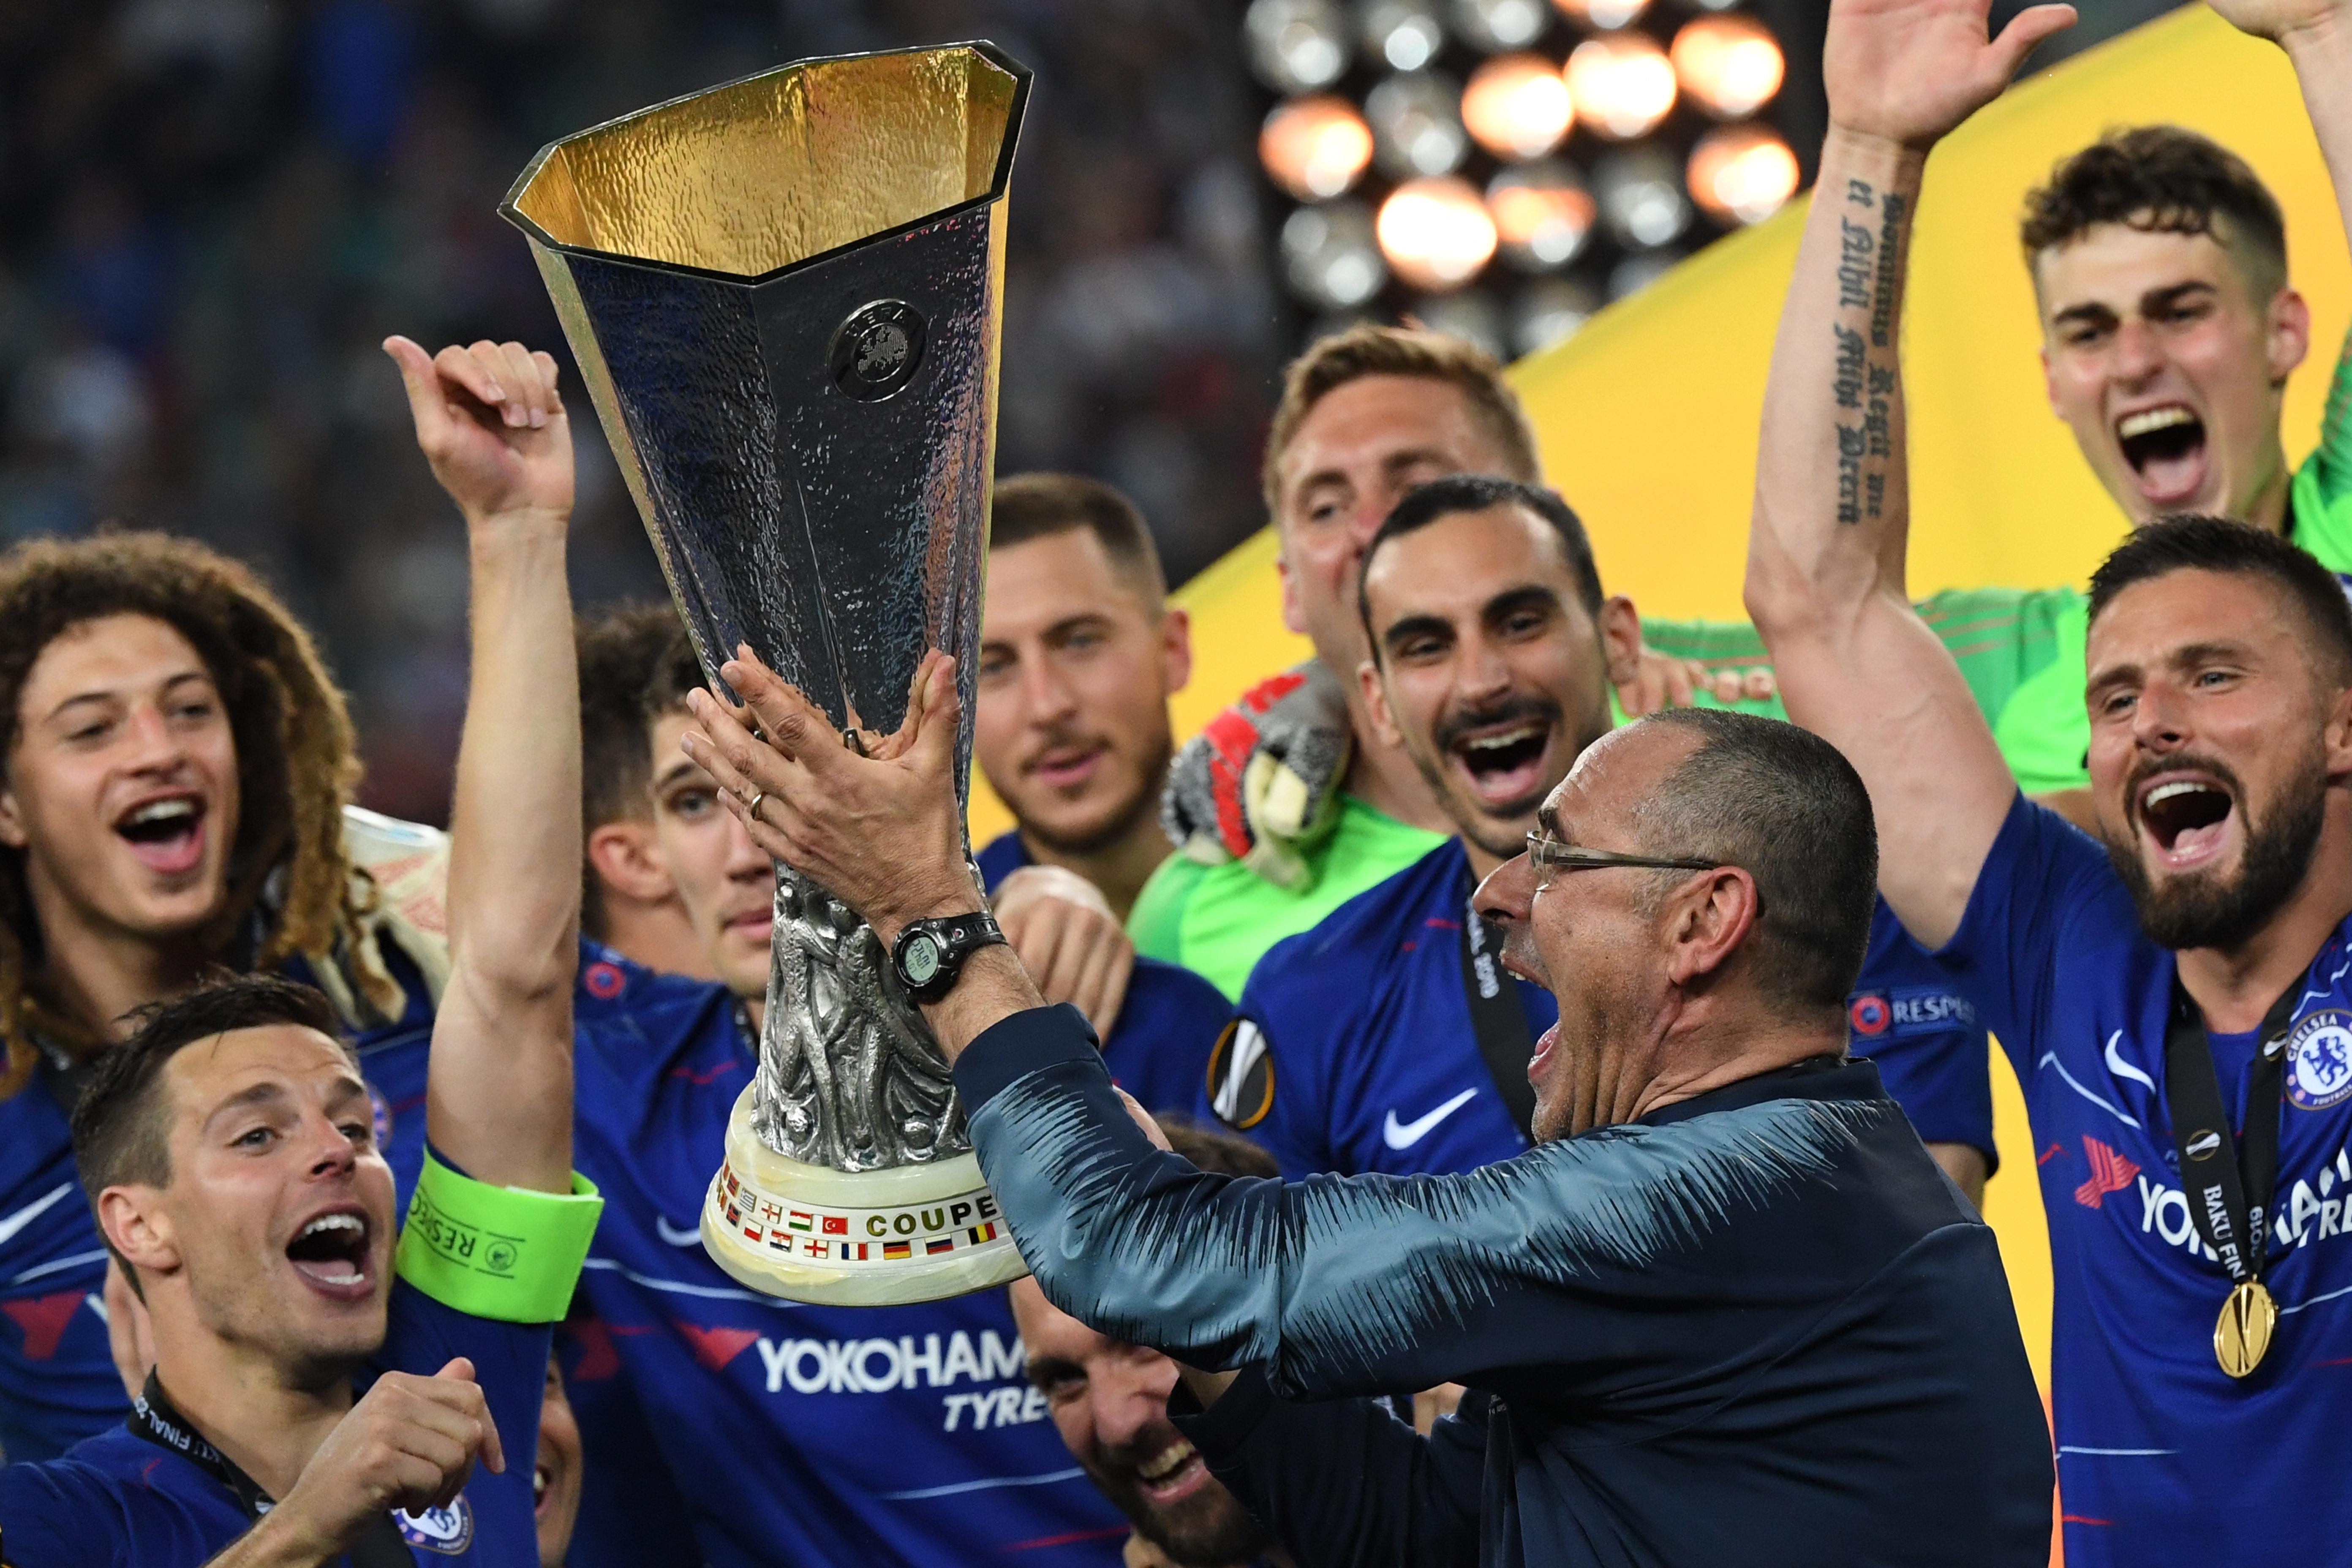 ماوريسيو ساري يحتفل بالكأس مع فريقه تشيلسي